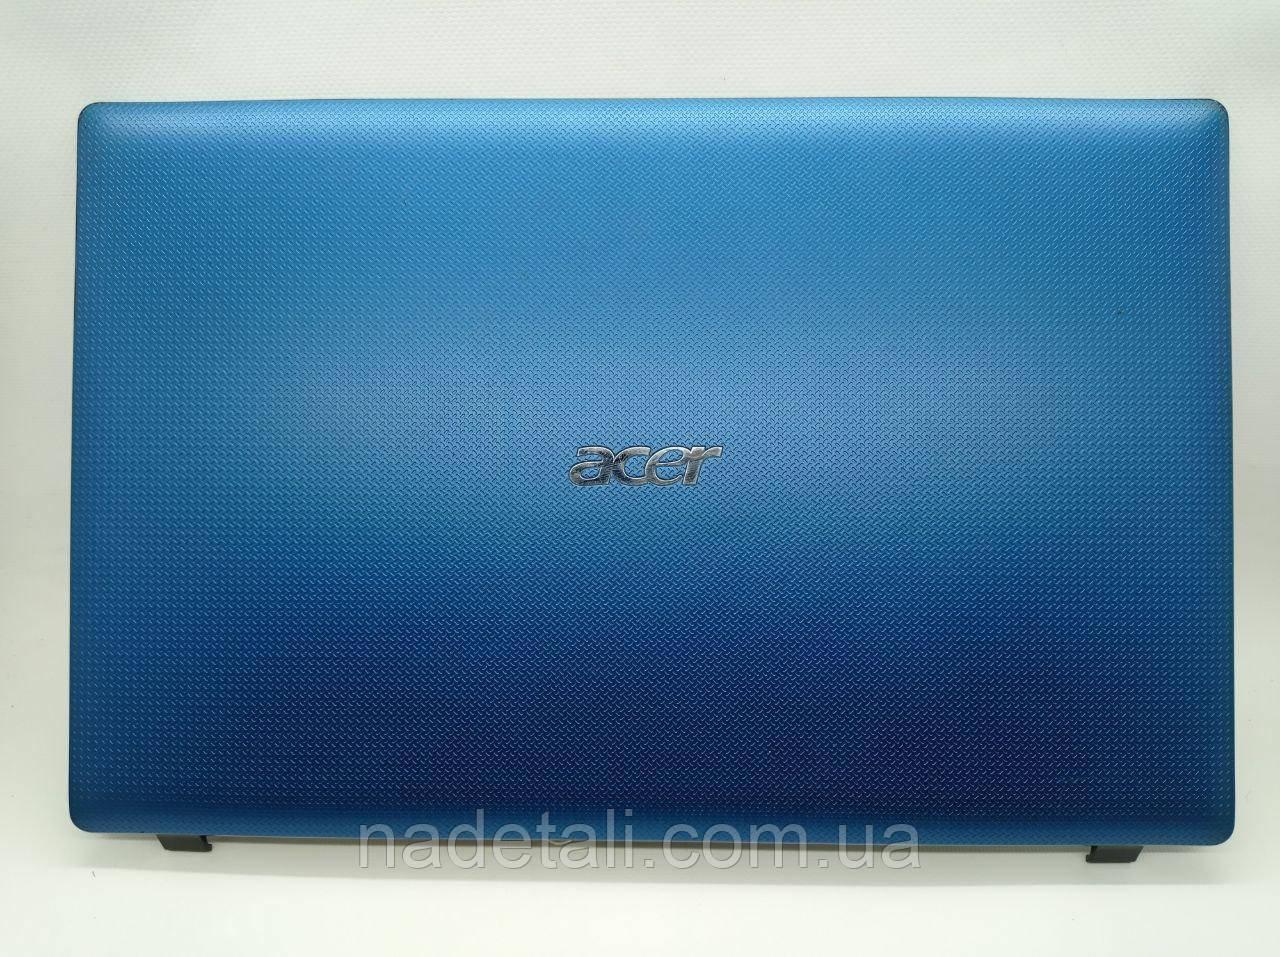 Крышка матрицы Acer Aspire 5560G 5560 WIS604MF1600211